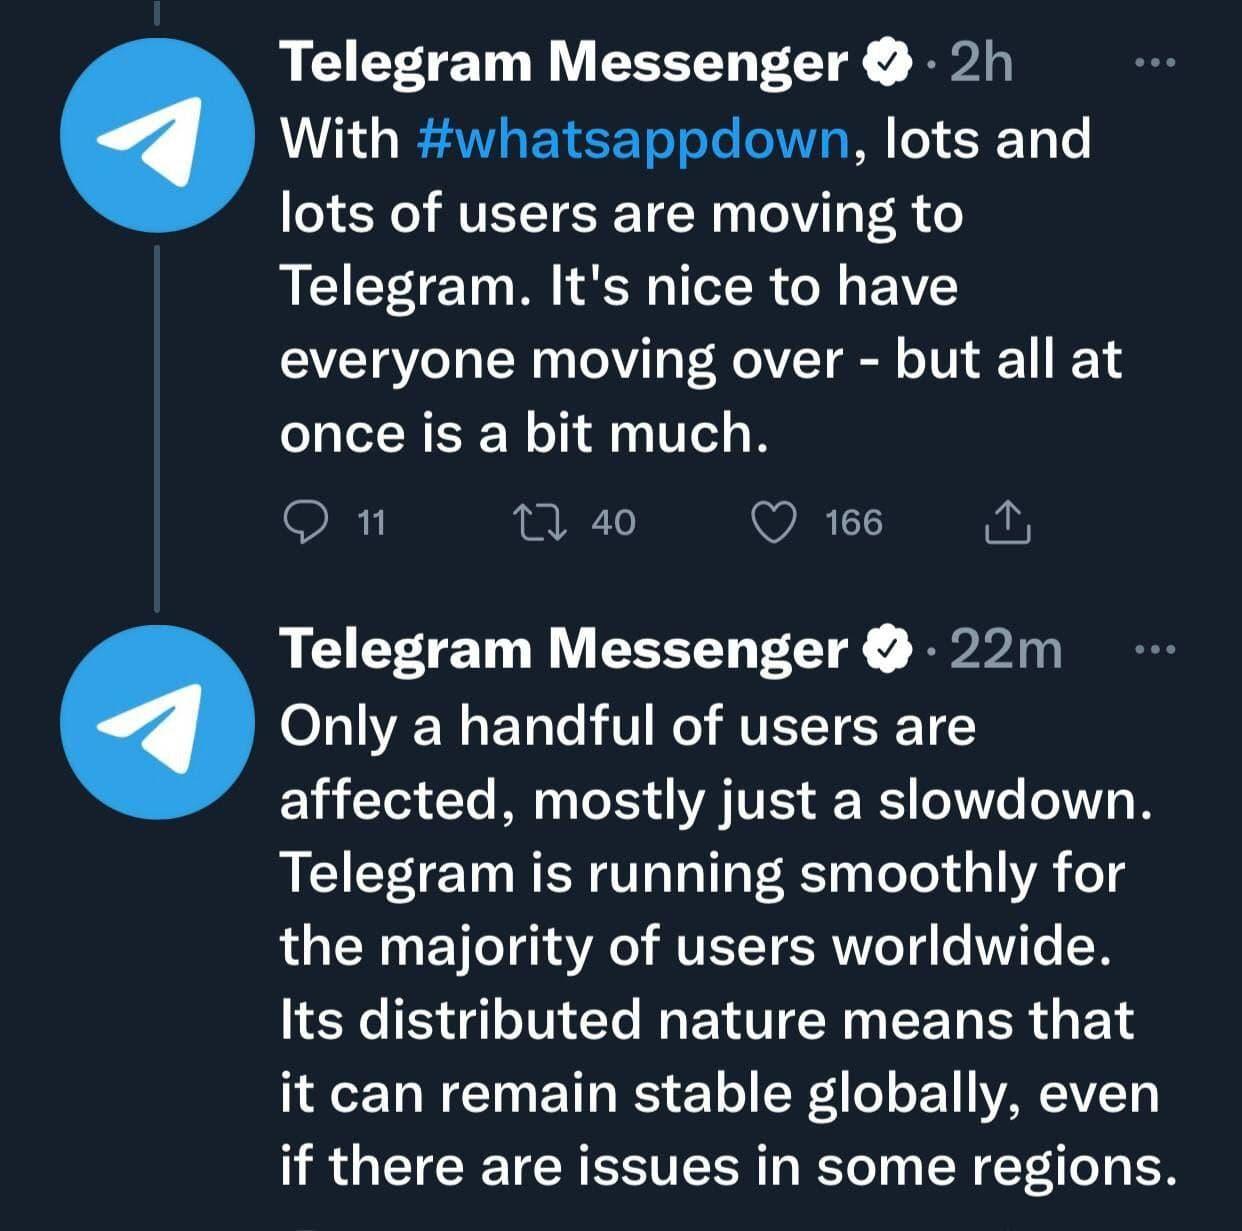 علت کندی تلگرام ثبتنام گسترده کاربران جدید اعلام شد